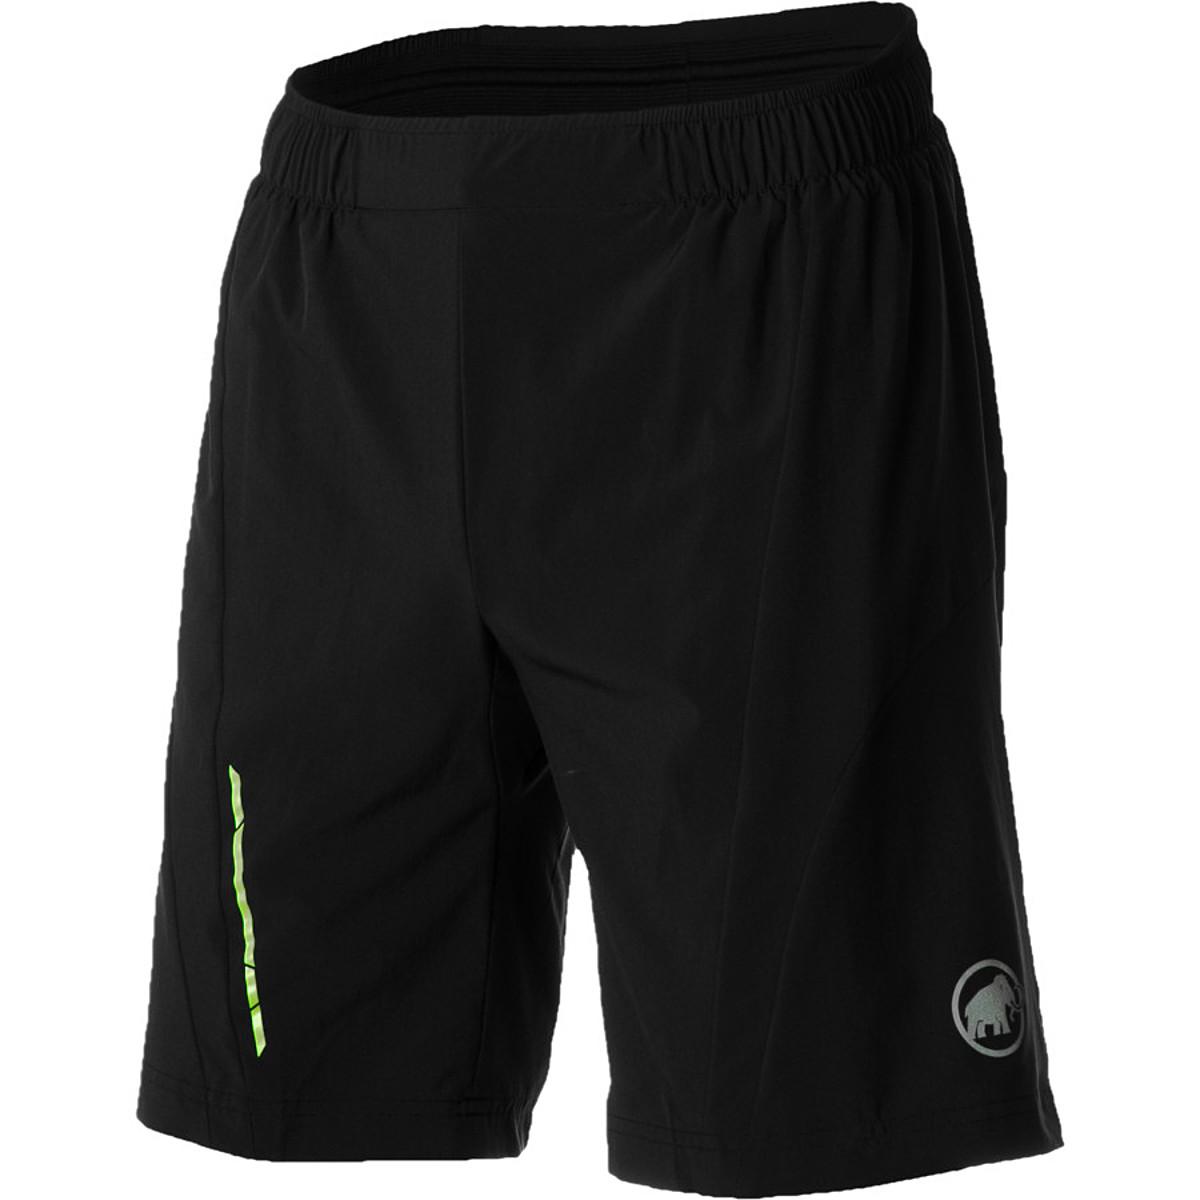 Mammut MTR 141 Shorts Long